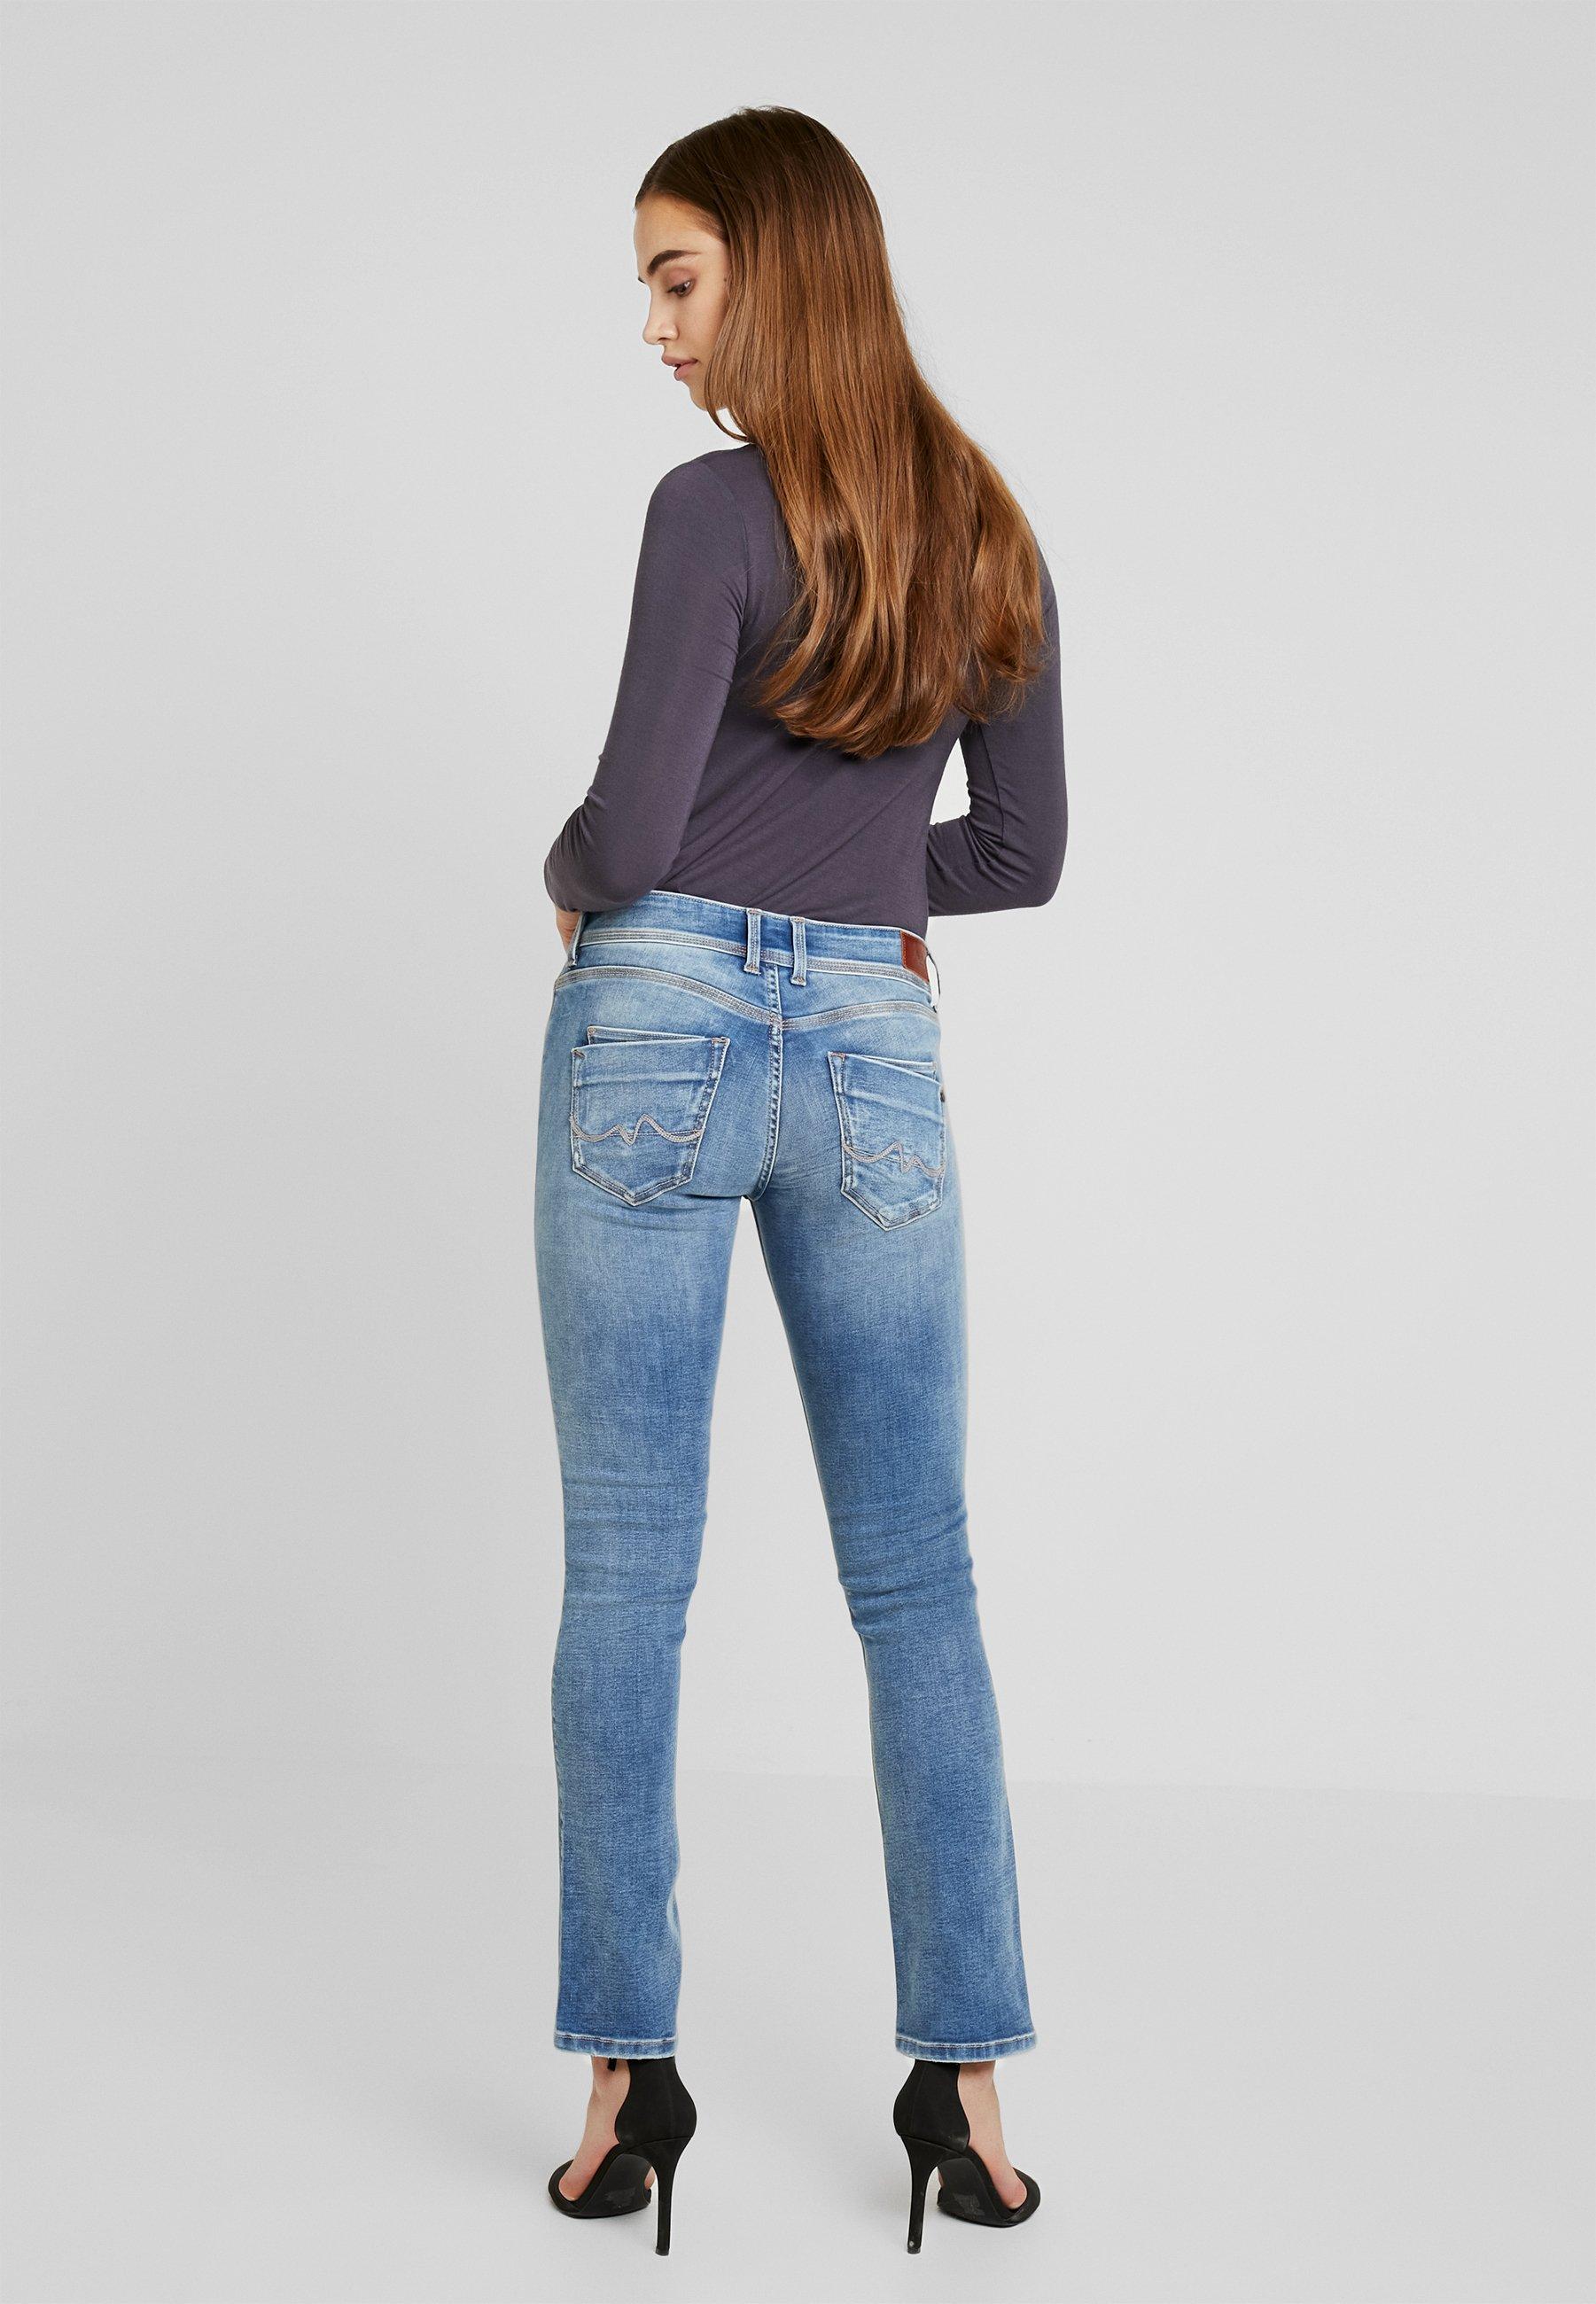 Denim Jeans SaturnJean Pepe Droit Used Light XuOTPkwlZi